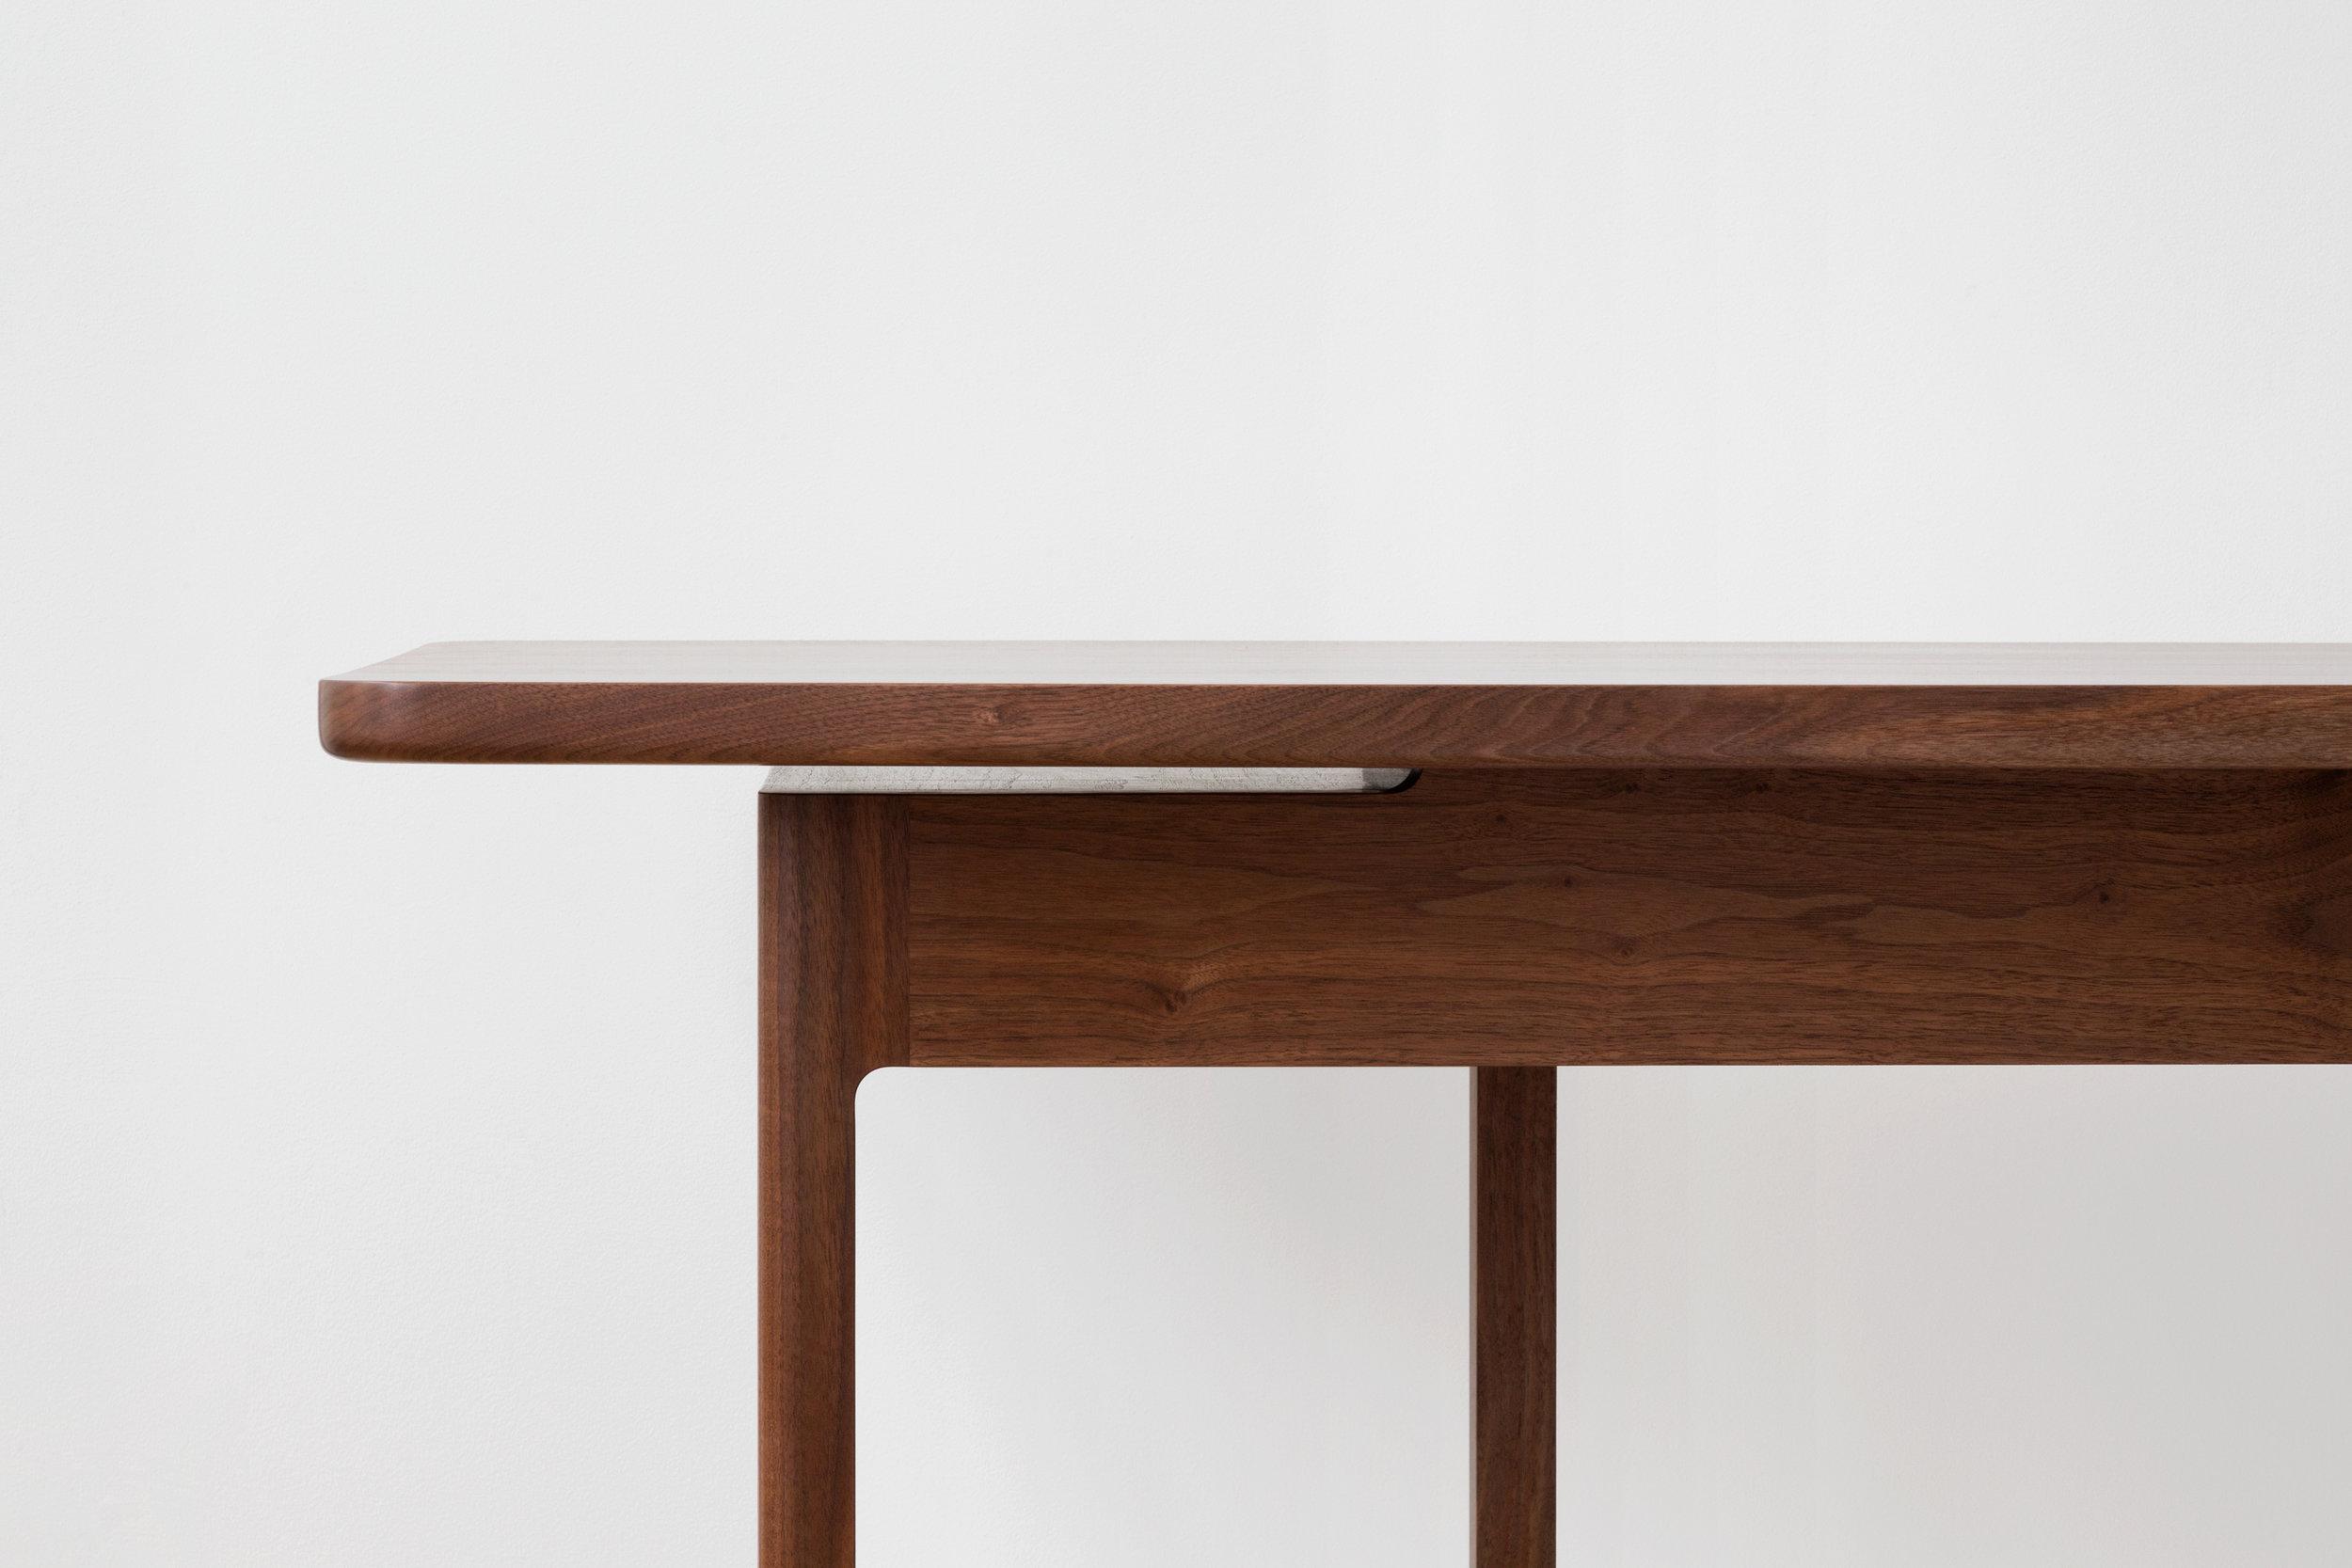 Asa Captains Desk in Walnut by Piet Houtenbos